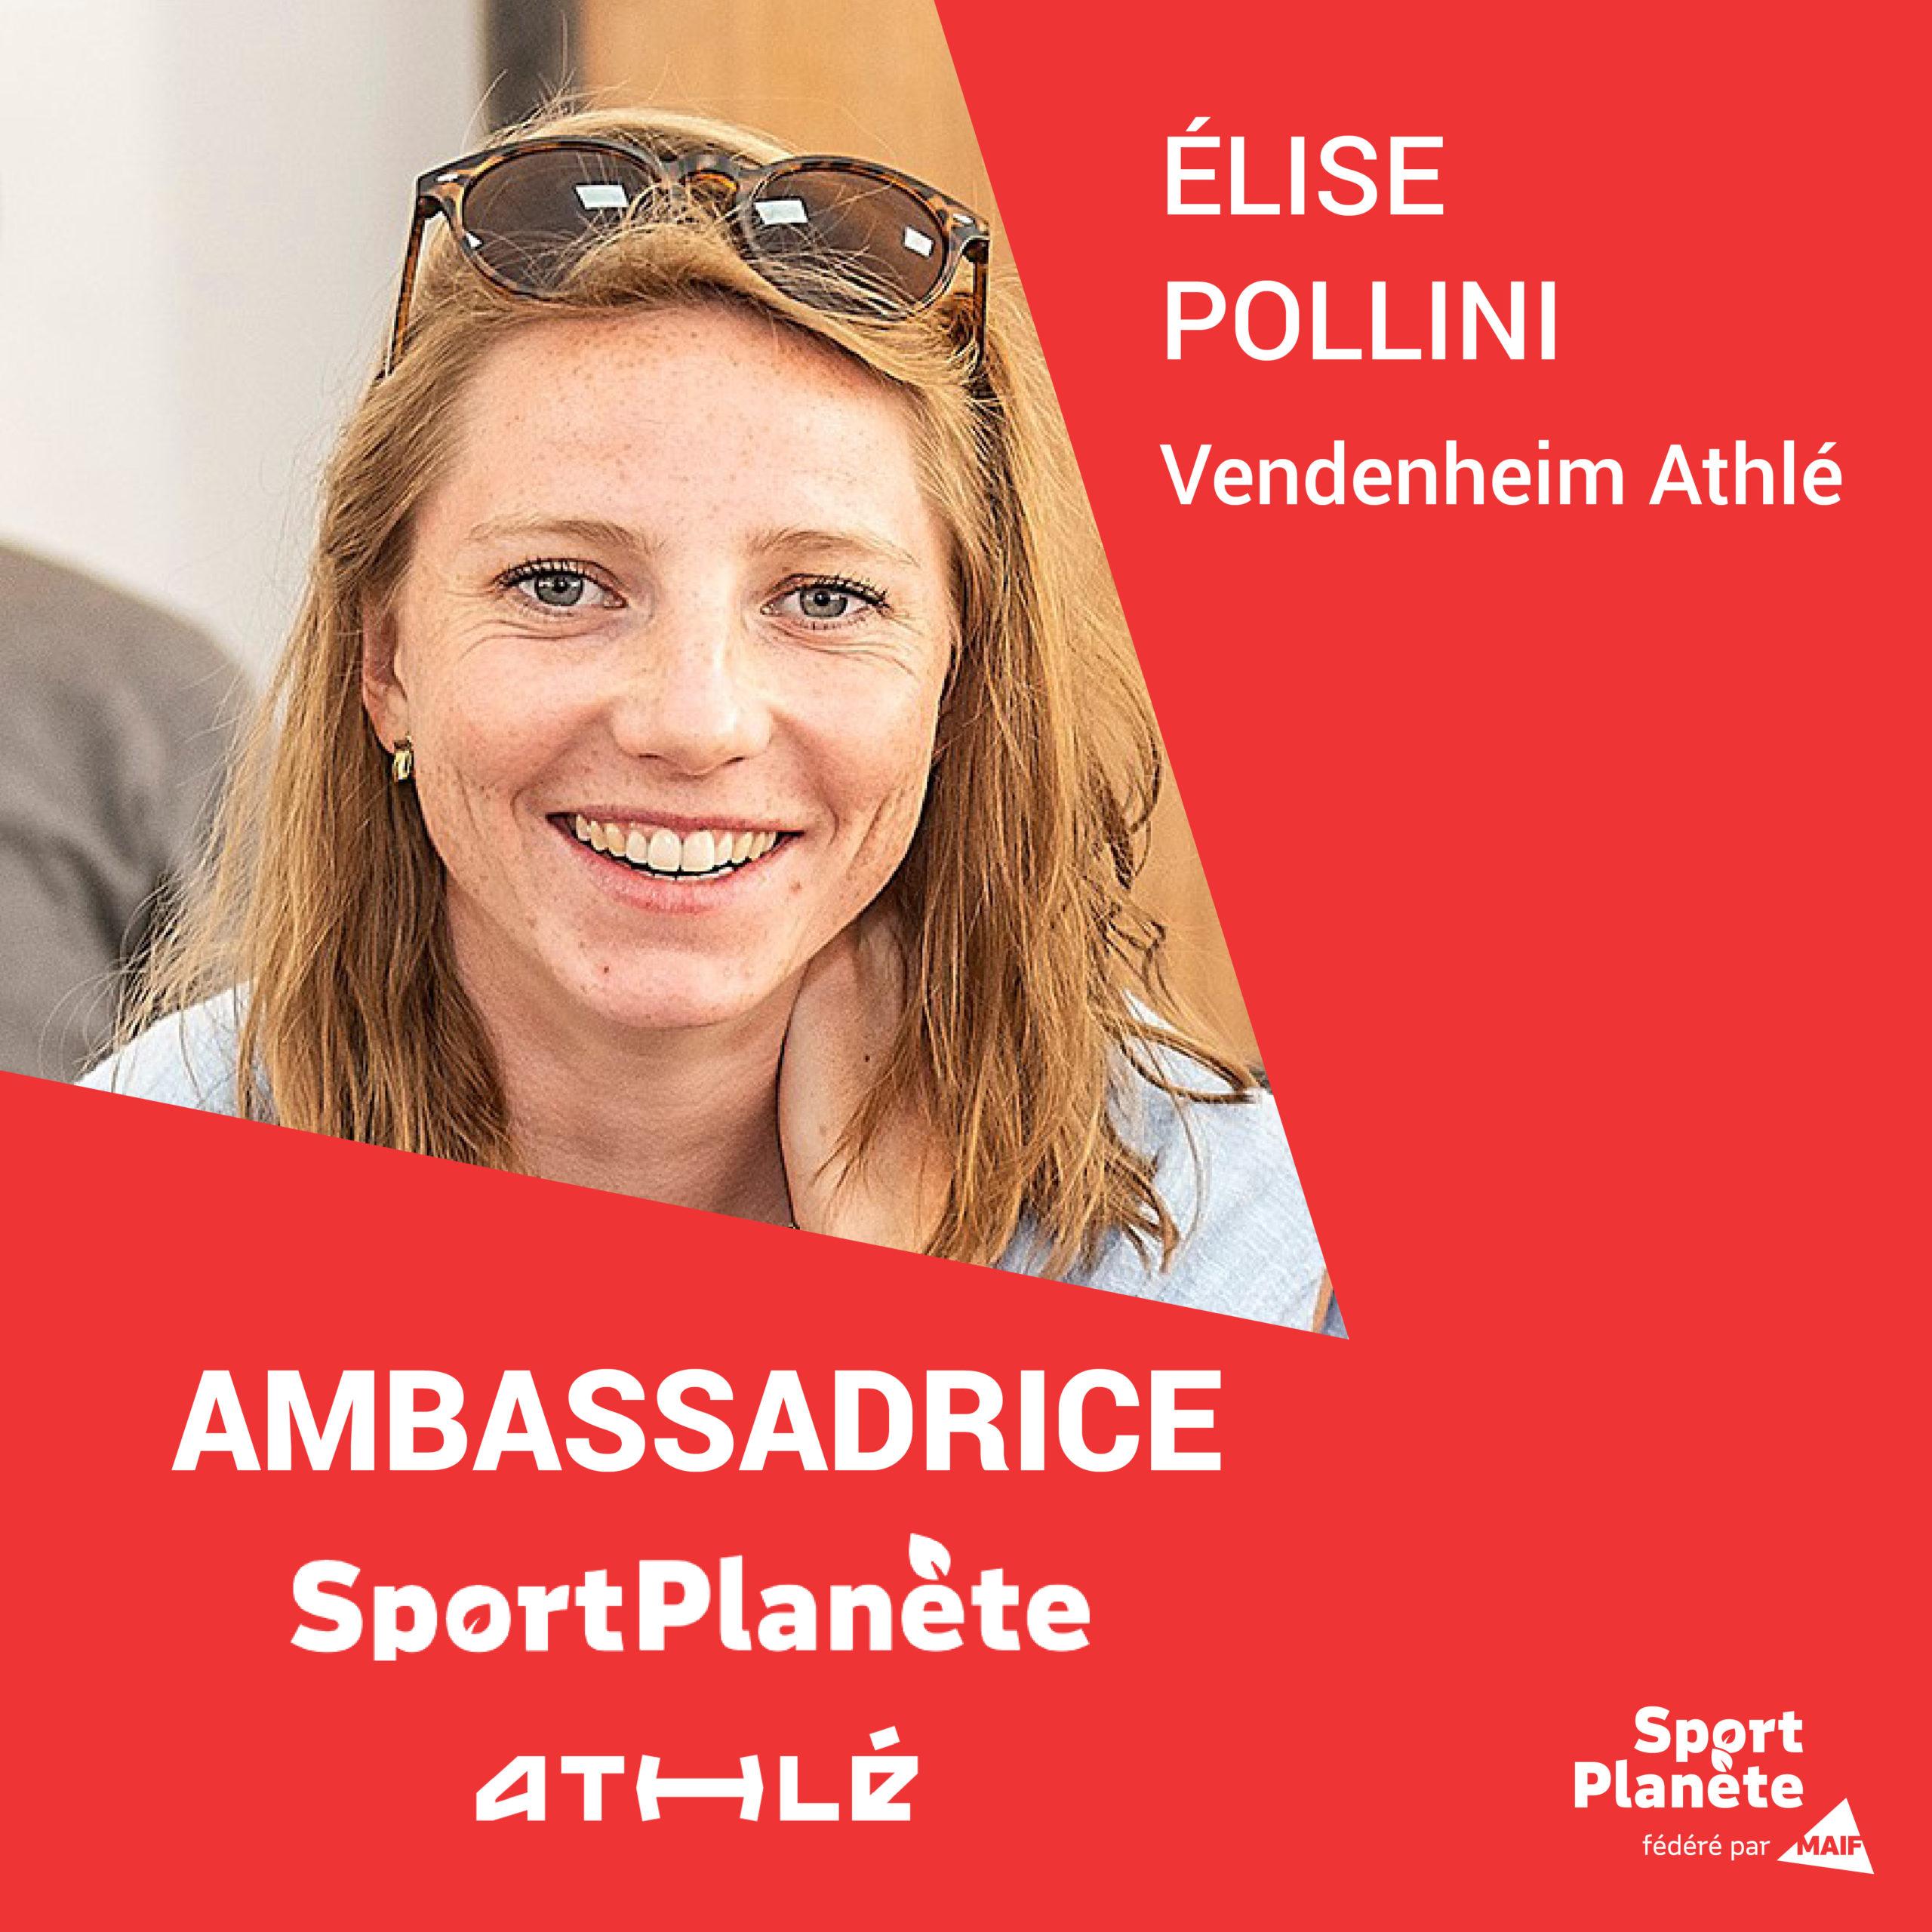 ElisePOLLINI_ambassadrice